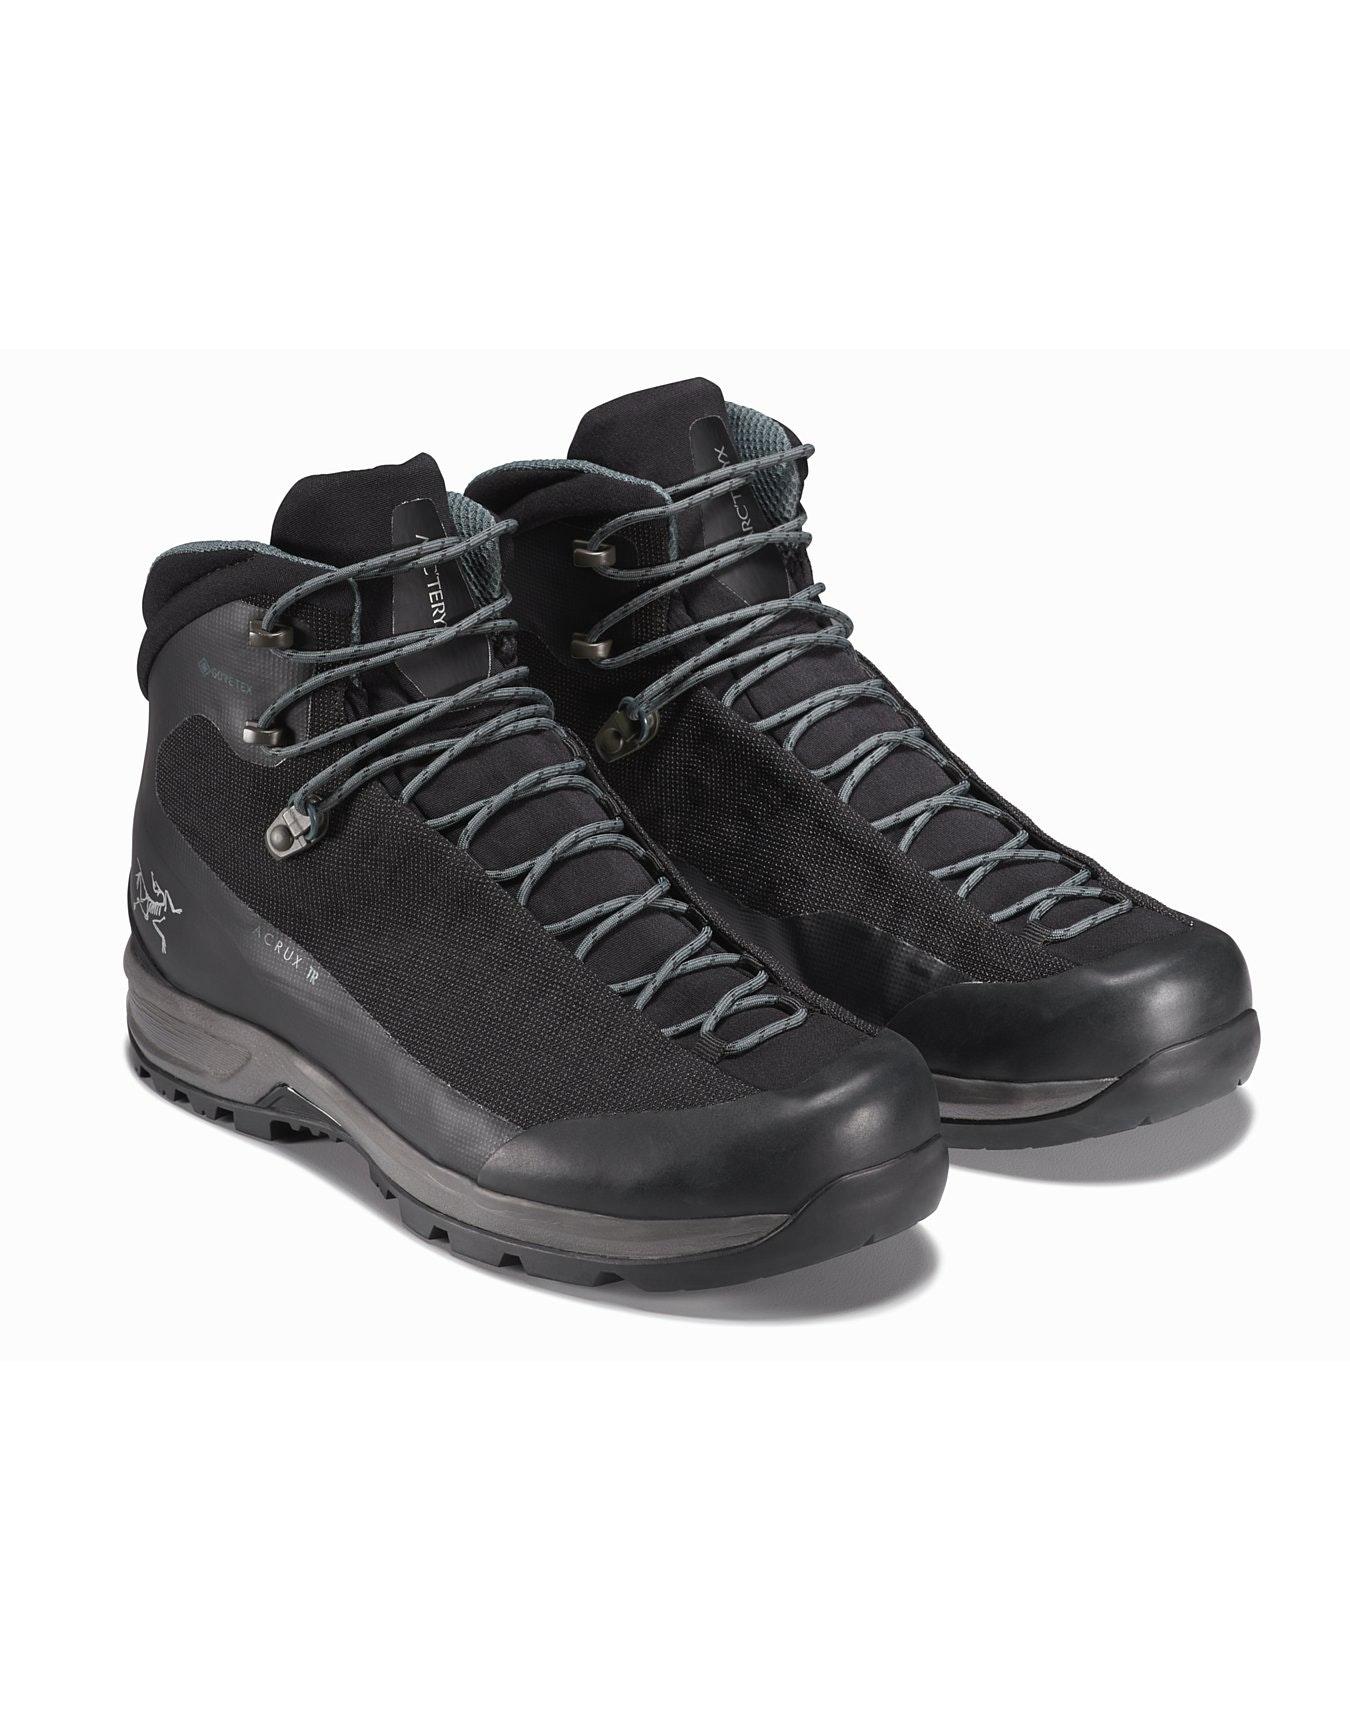 Acrux-TR-GTX-Boot-Black-Pair